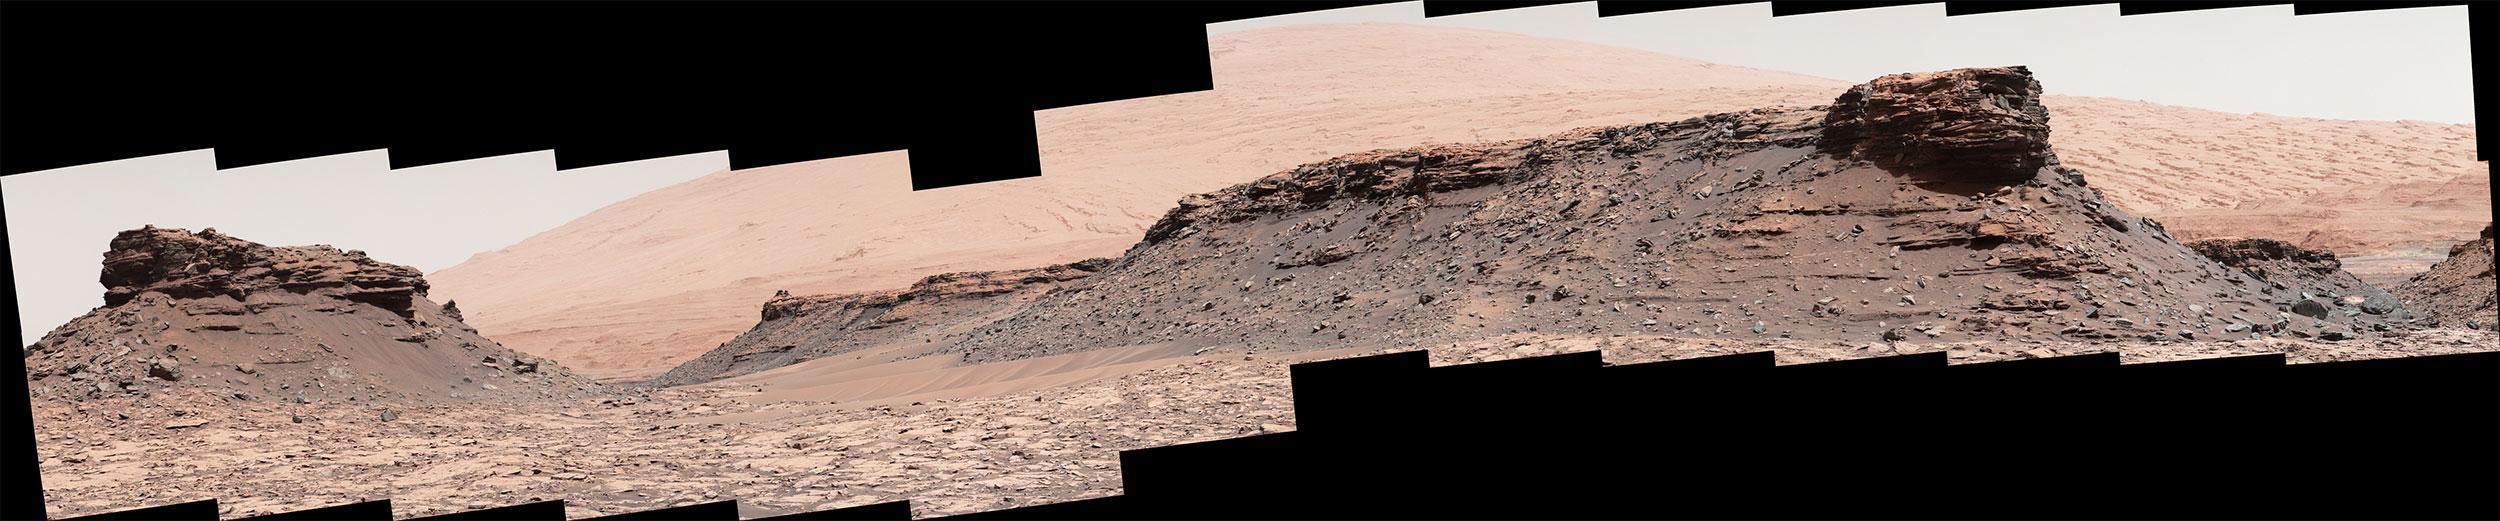 18 Ağustos 2016 tarihine ait panoramada aralarında 80 metre mesafe bulunan iki tepe görülüyor. 10 metre yükselikteki sağdaki tepe, Curiosity'den fotoğraf çekildiğinde 82 metre ötedeydi. [NASA/JPL-Caltech/MSSS]